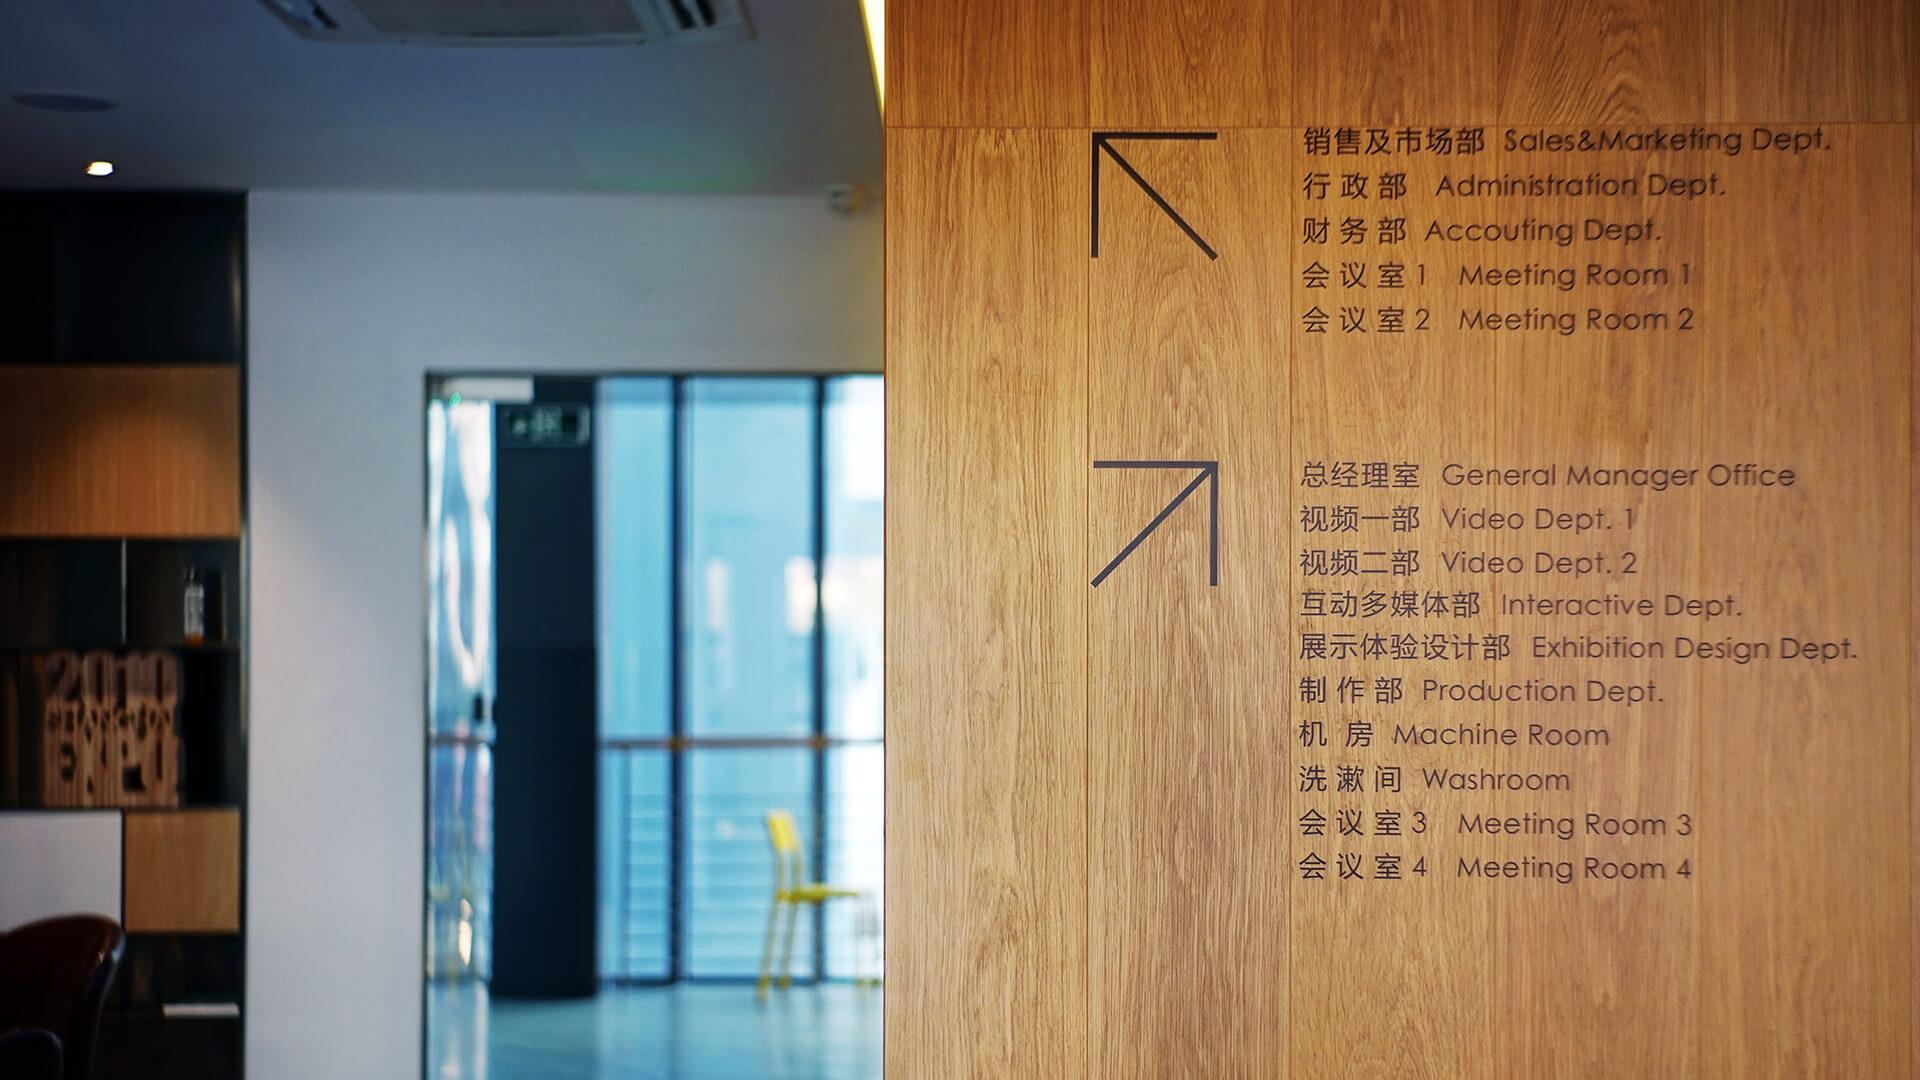 办公室图片3